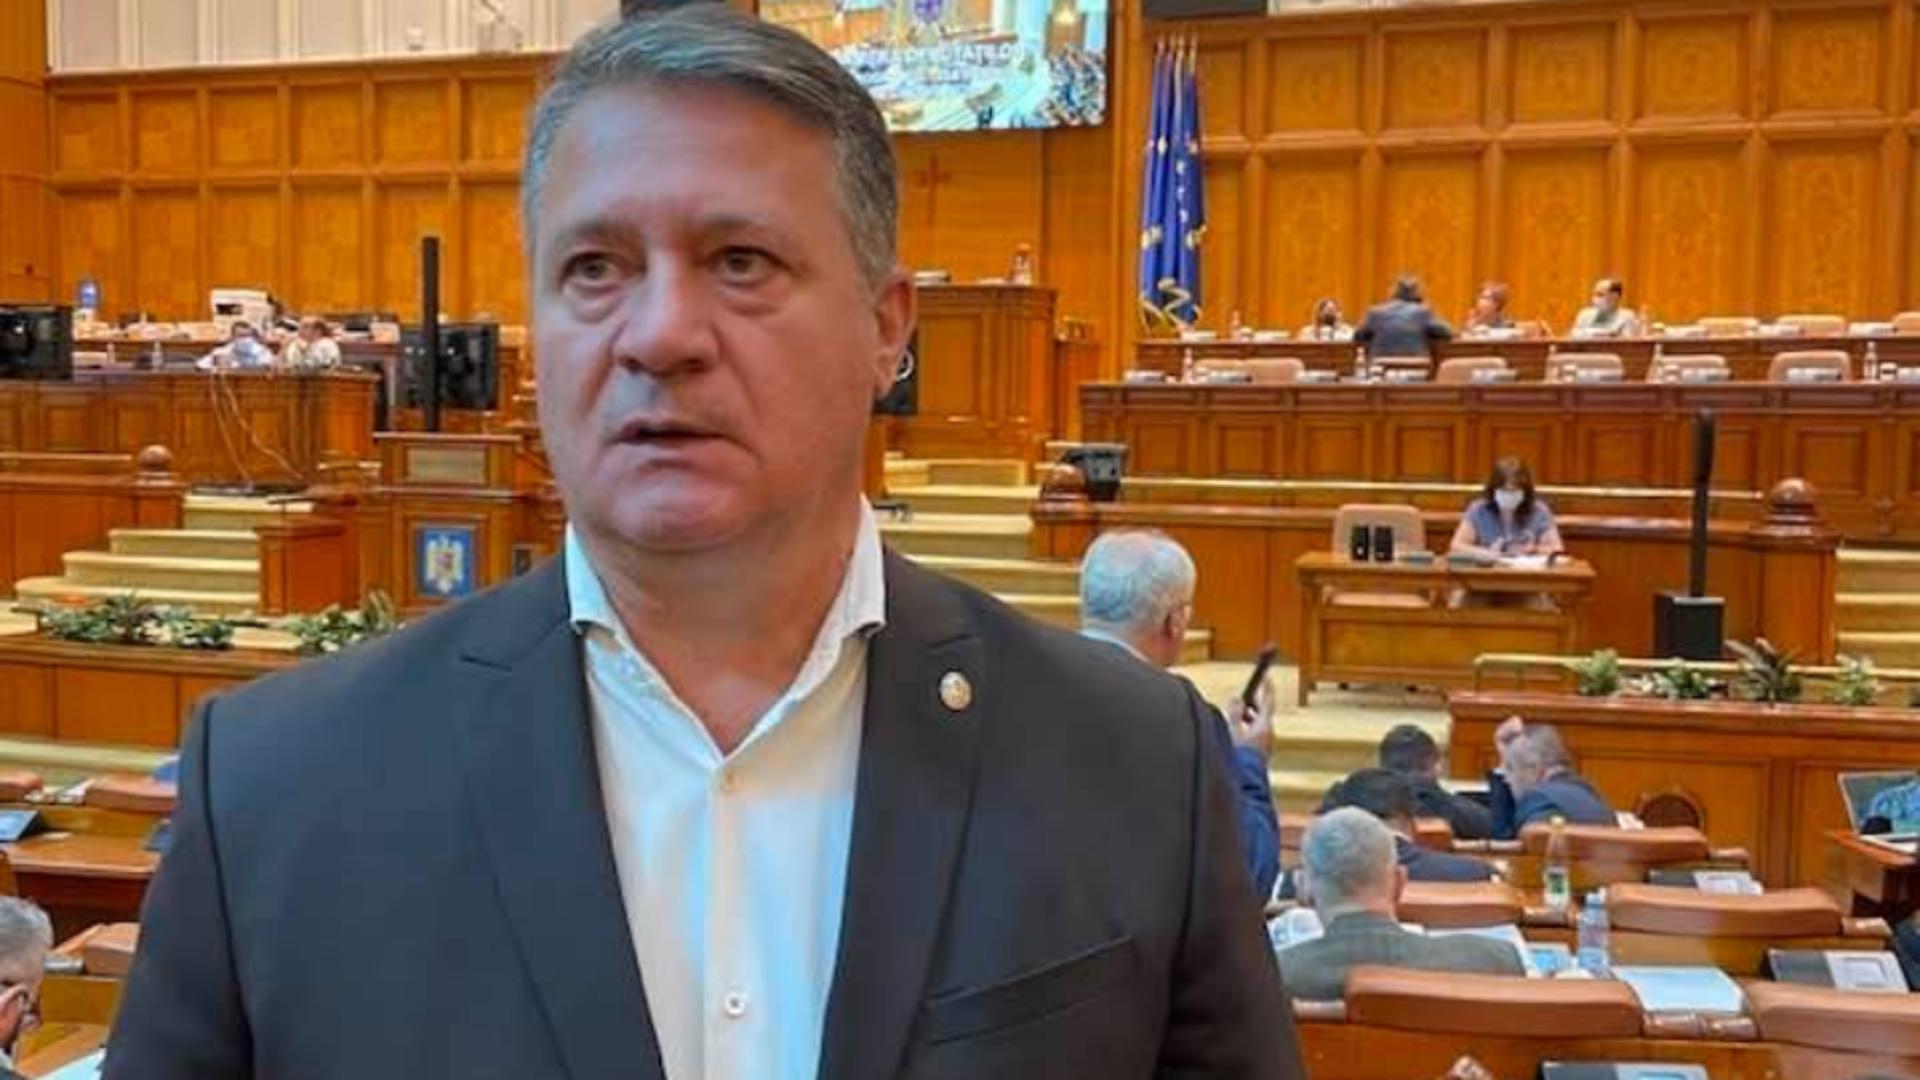 Andrușceac anunță o posibilă demitere a lui Iohannis. Foto/Inquam